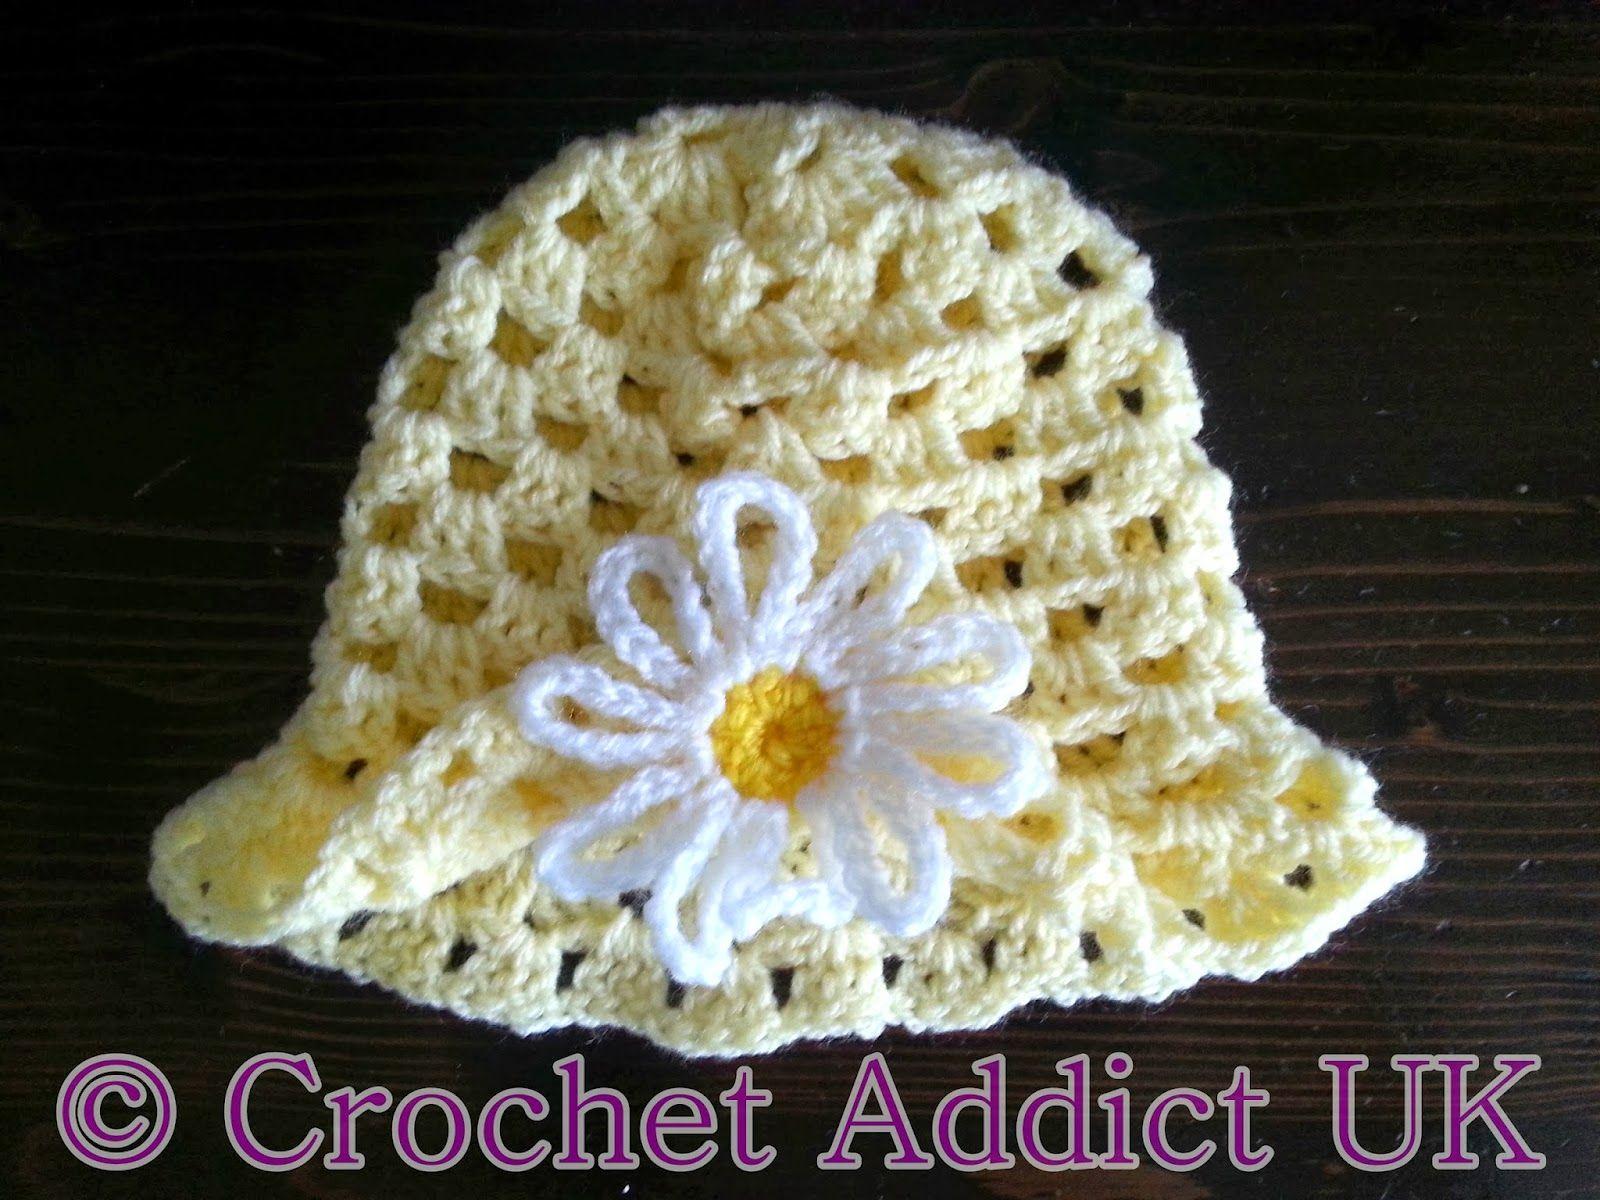 Crochet addict uk free crochet crochet and easter free crochet pattern daisy spring easter hat 3 6 months crochetaddictuk bankloansurffo Gallery